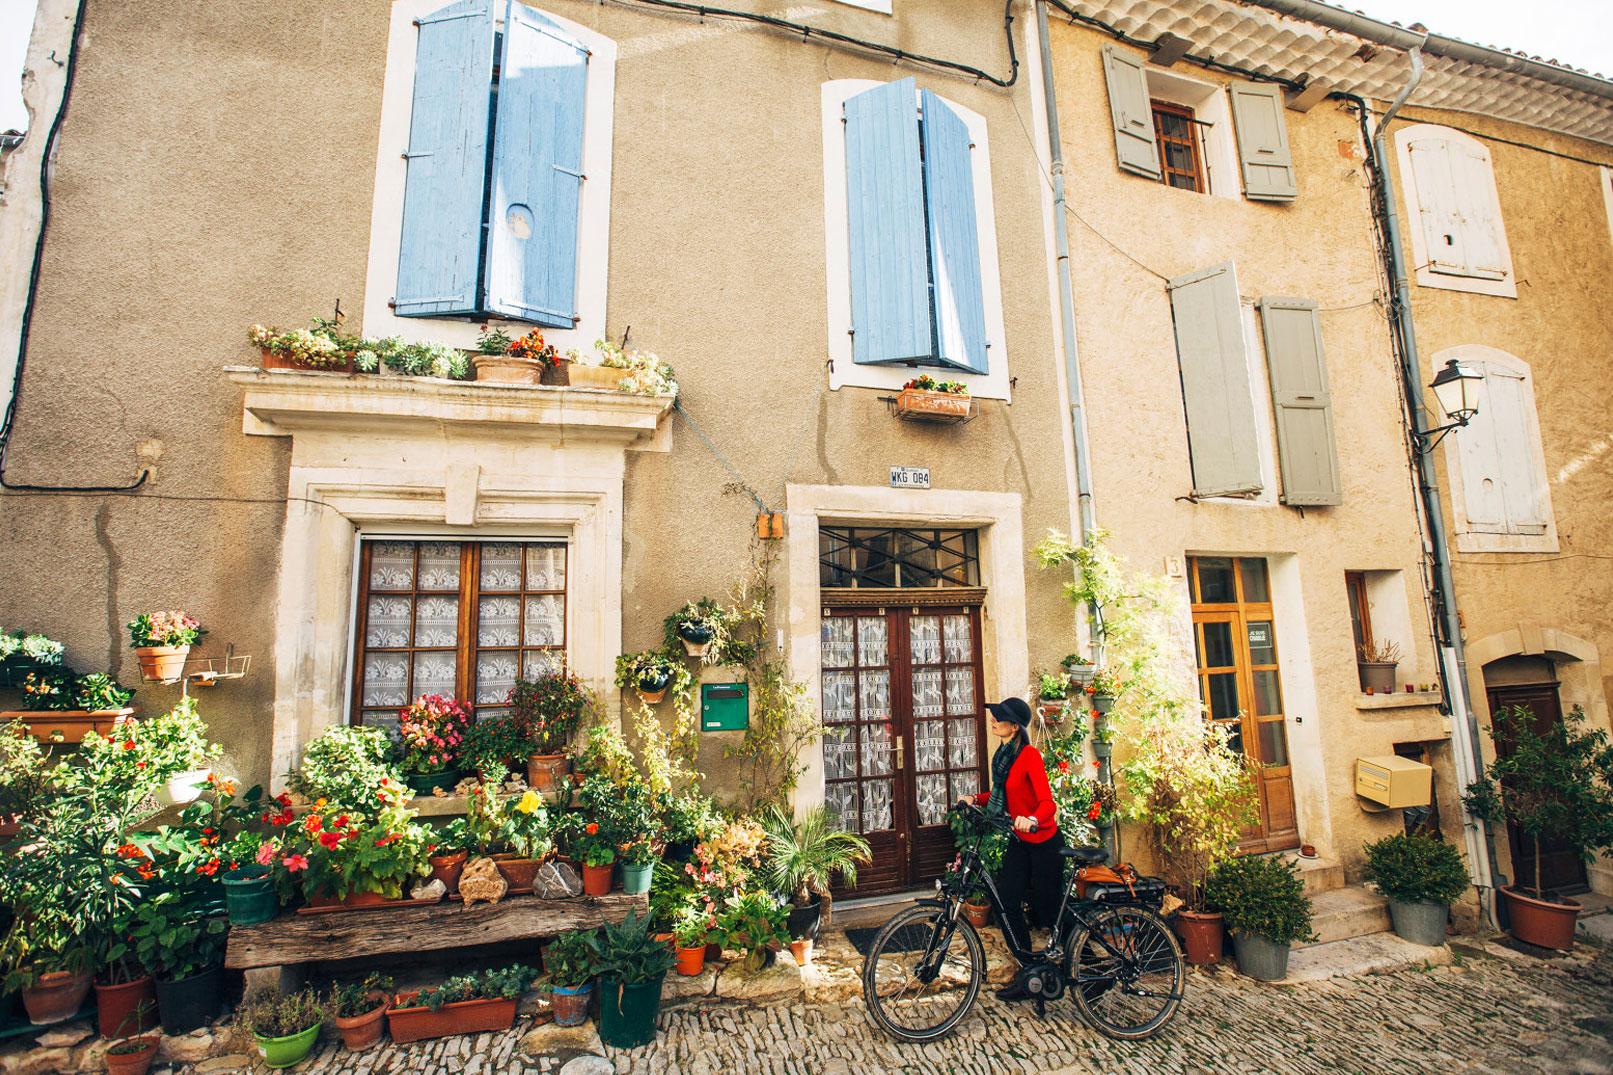 A vélo devant une maison provençale @ Coquard M.